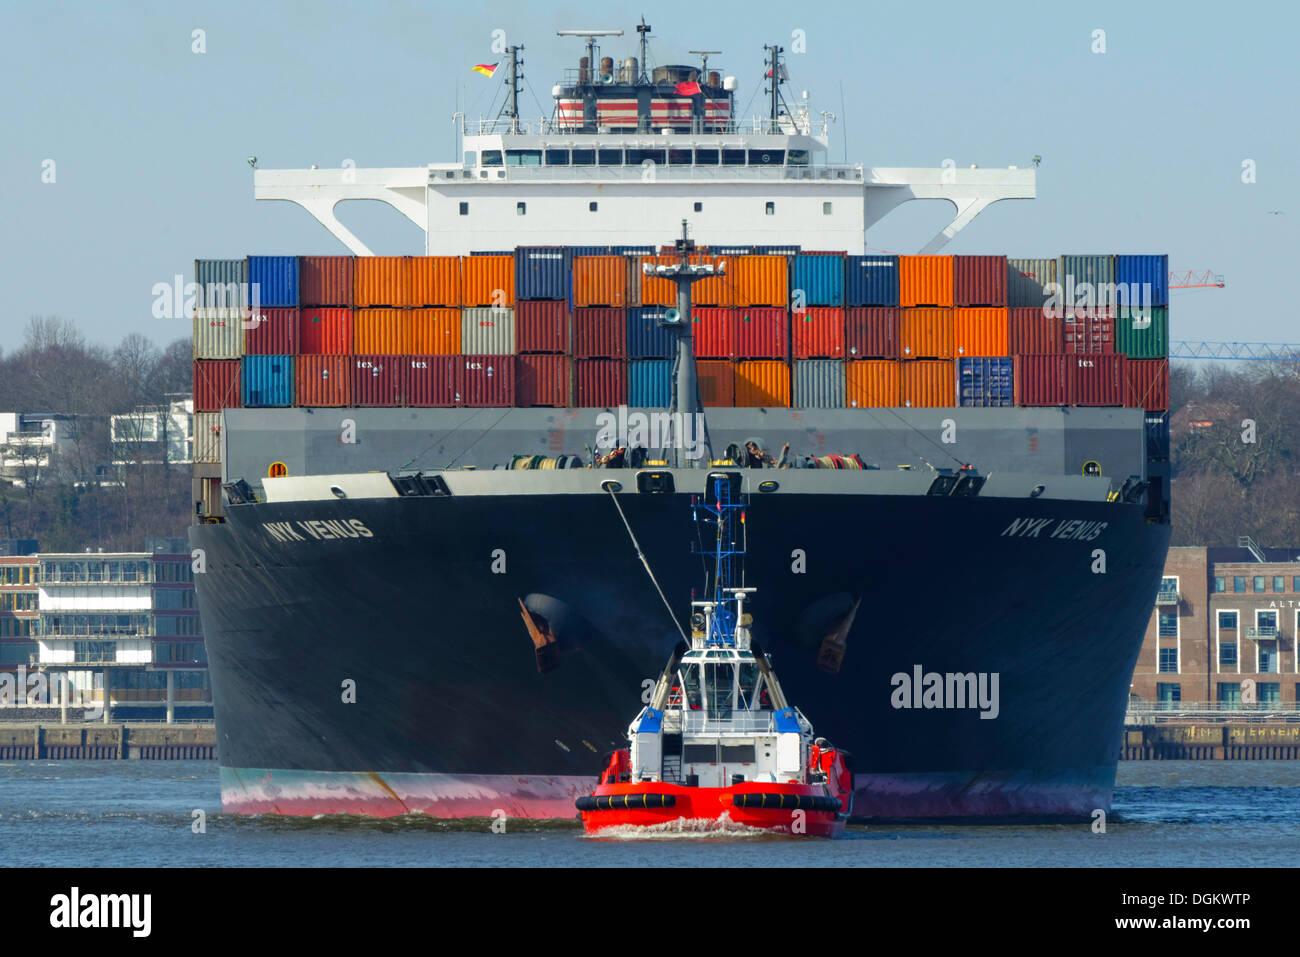 Shipyard Services Stock Photos & Shipyard Services Stock